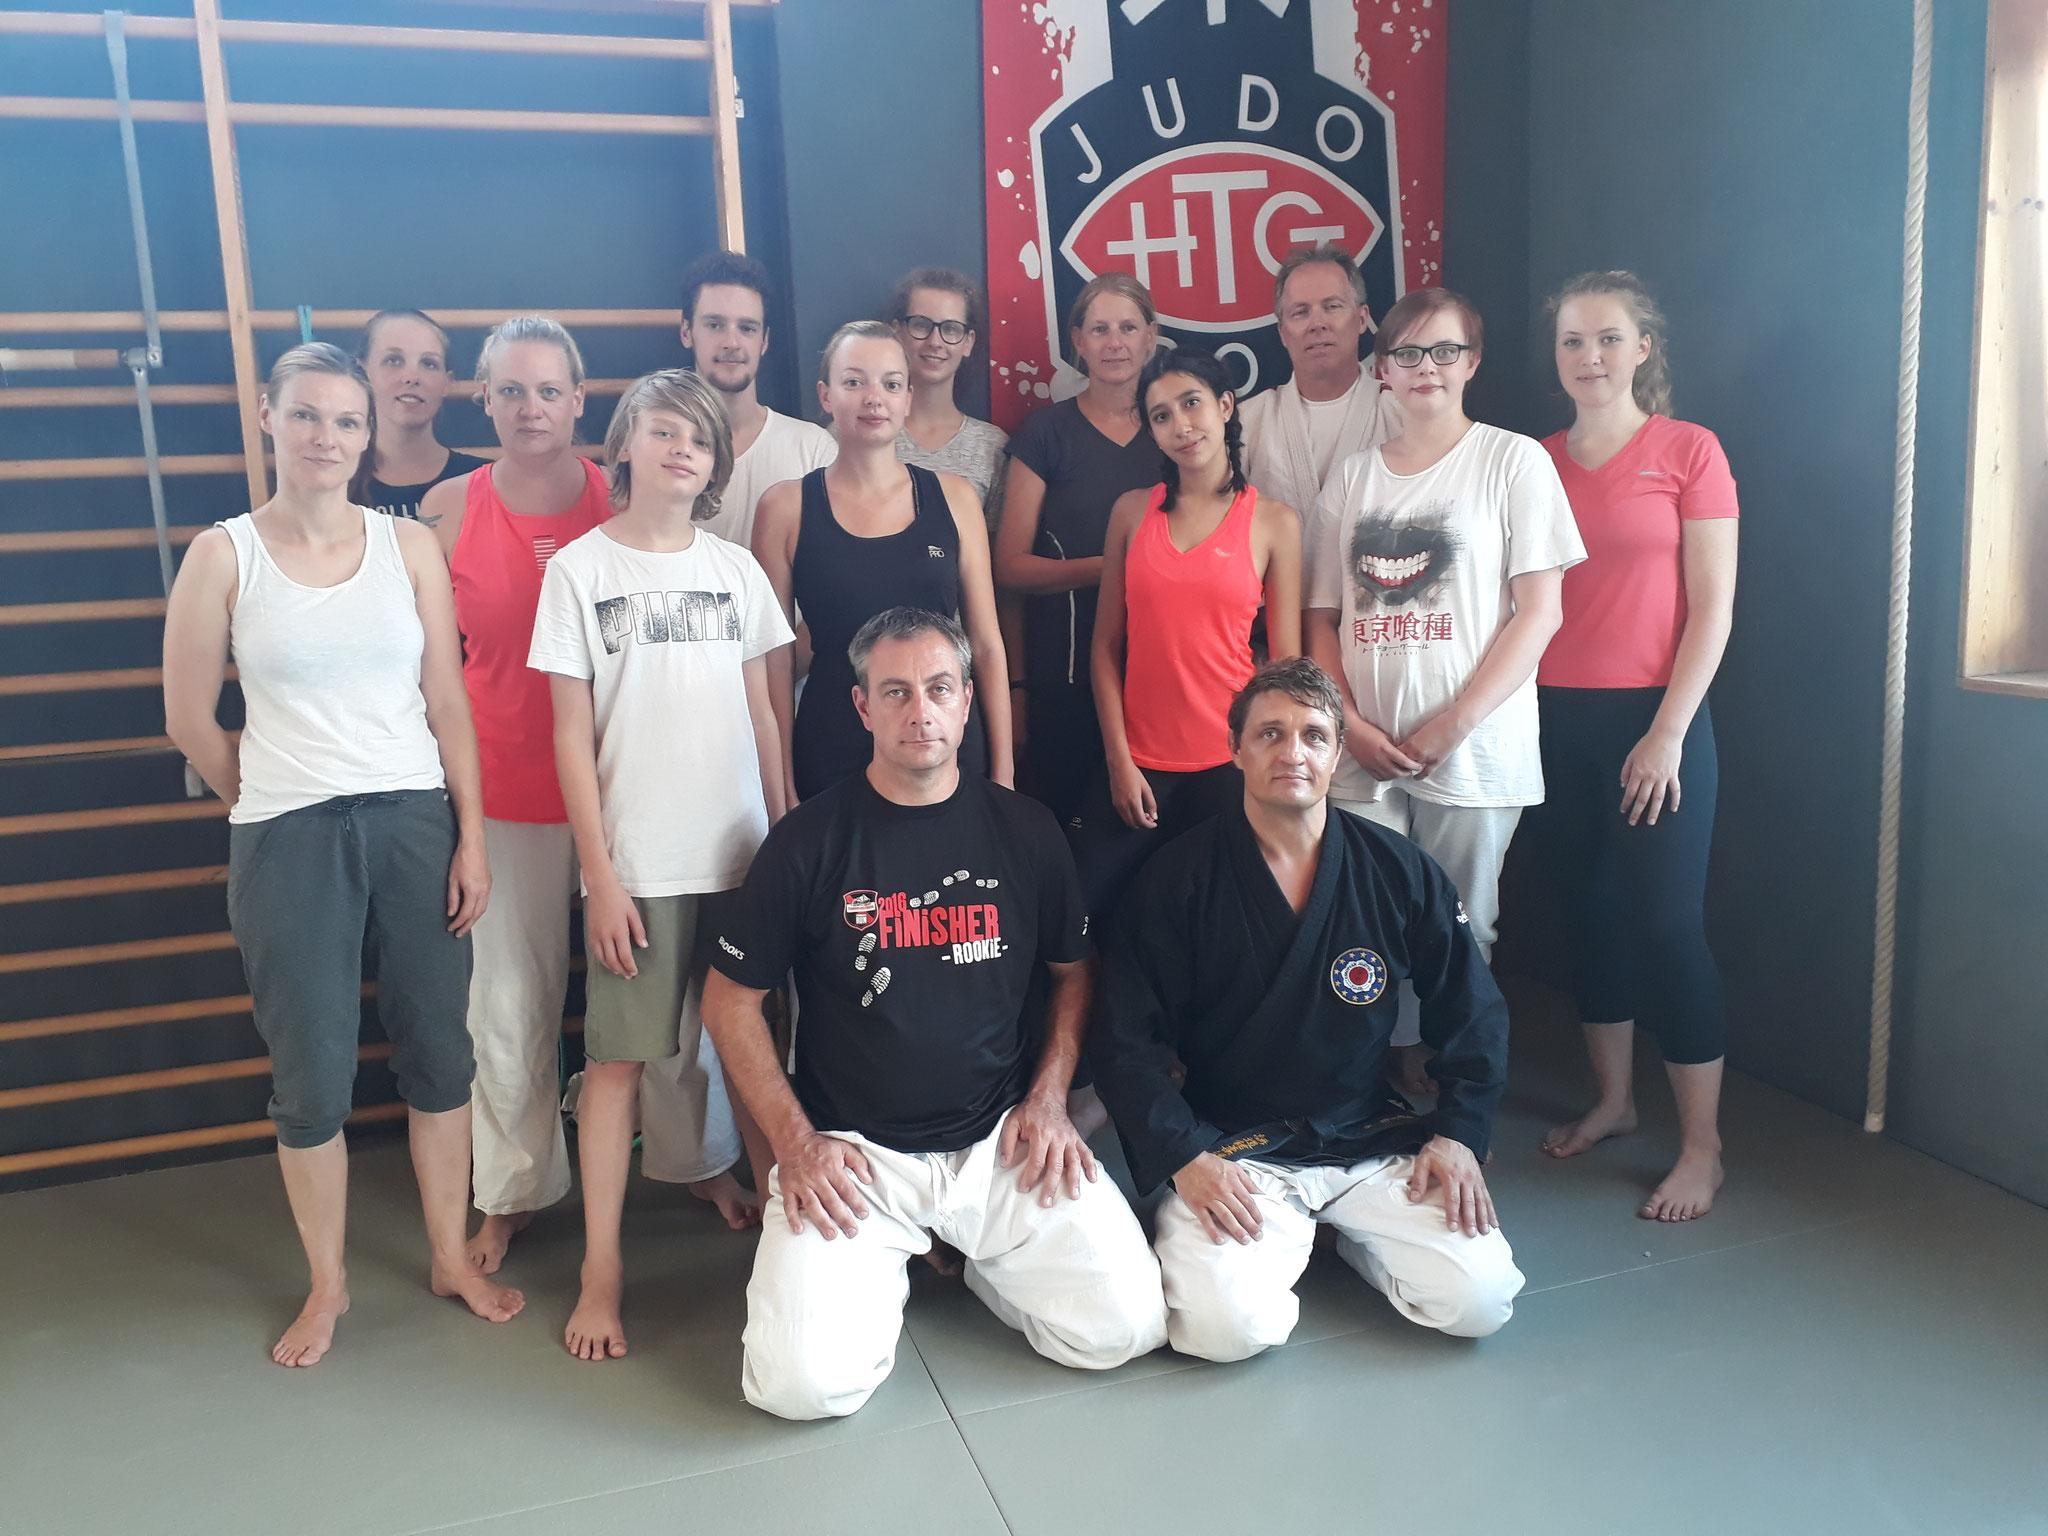 Es war ein guter Workshop mit 13 Teilnehmern.